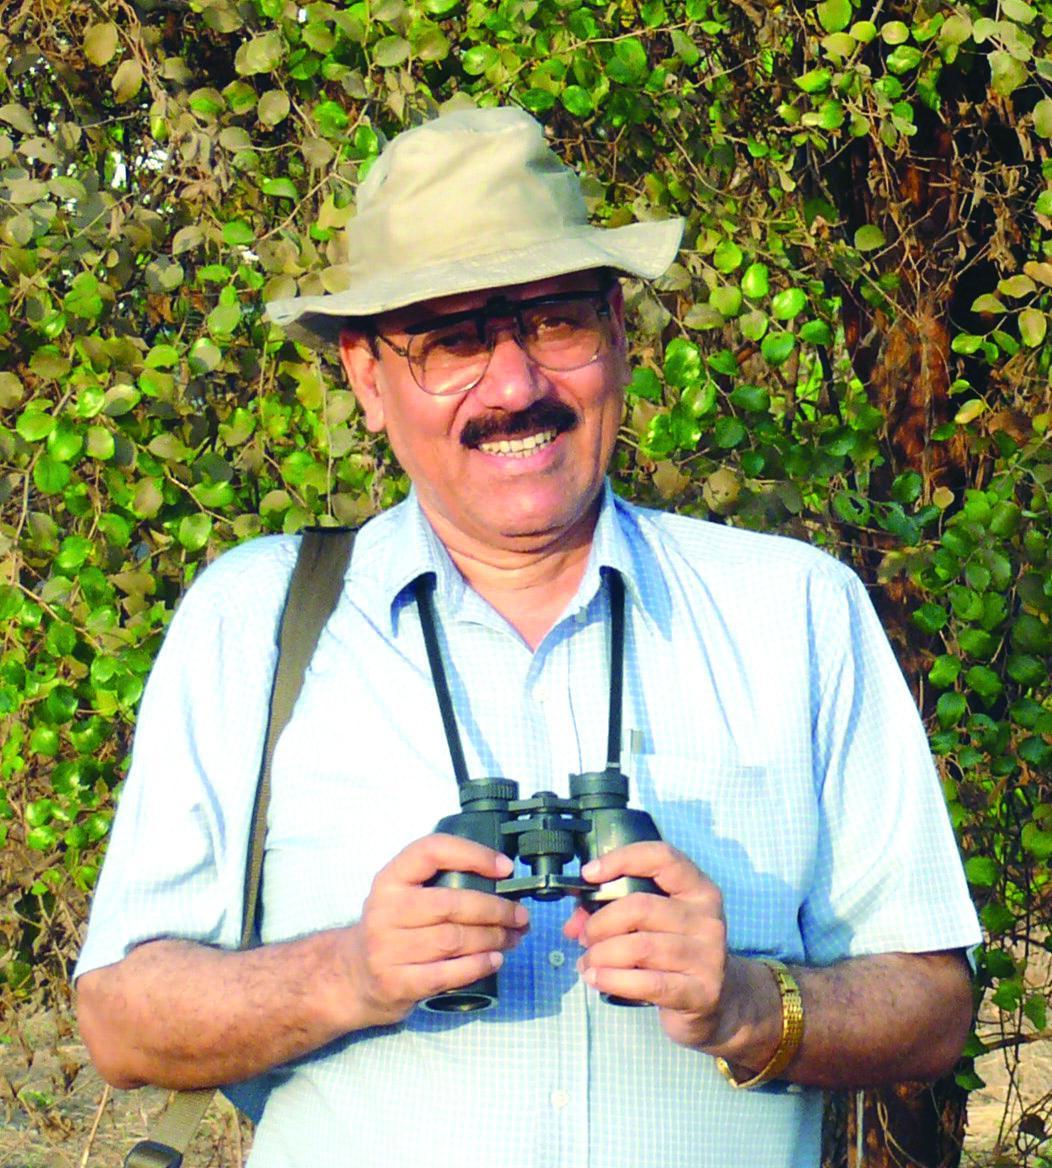 டாக்டர் ஆசாத் ரஹ்மானி